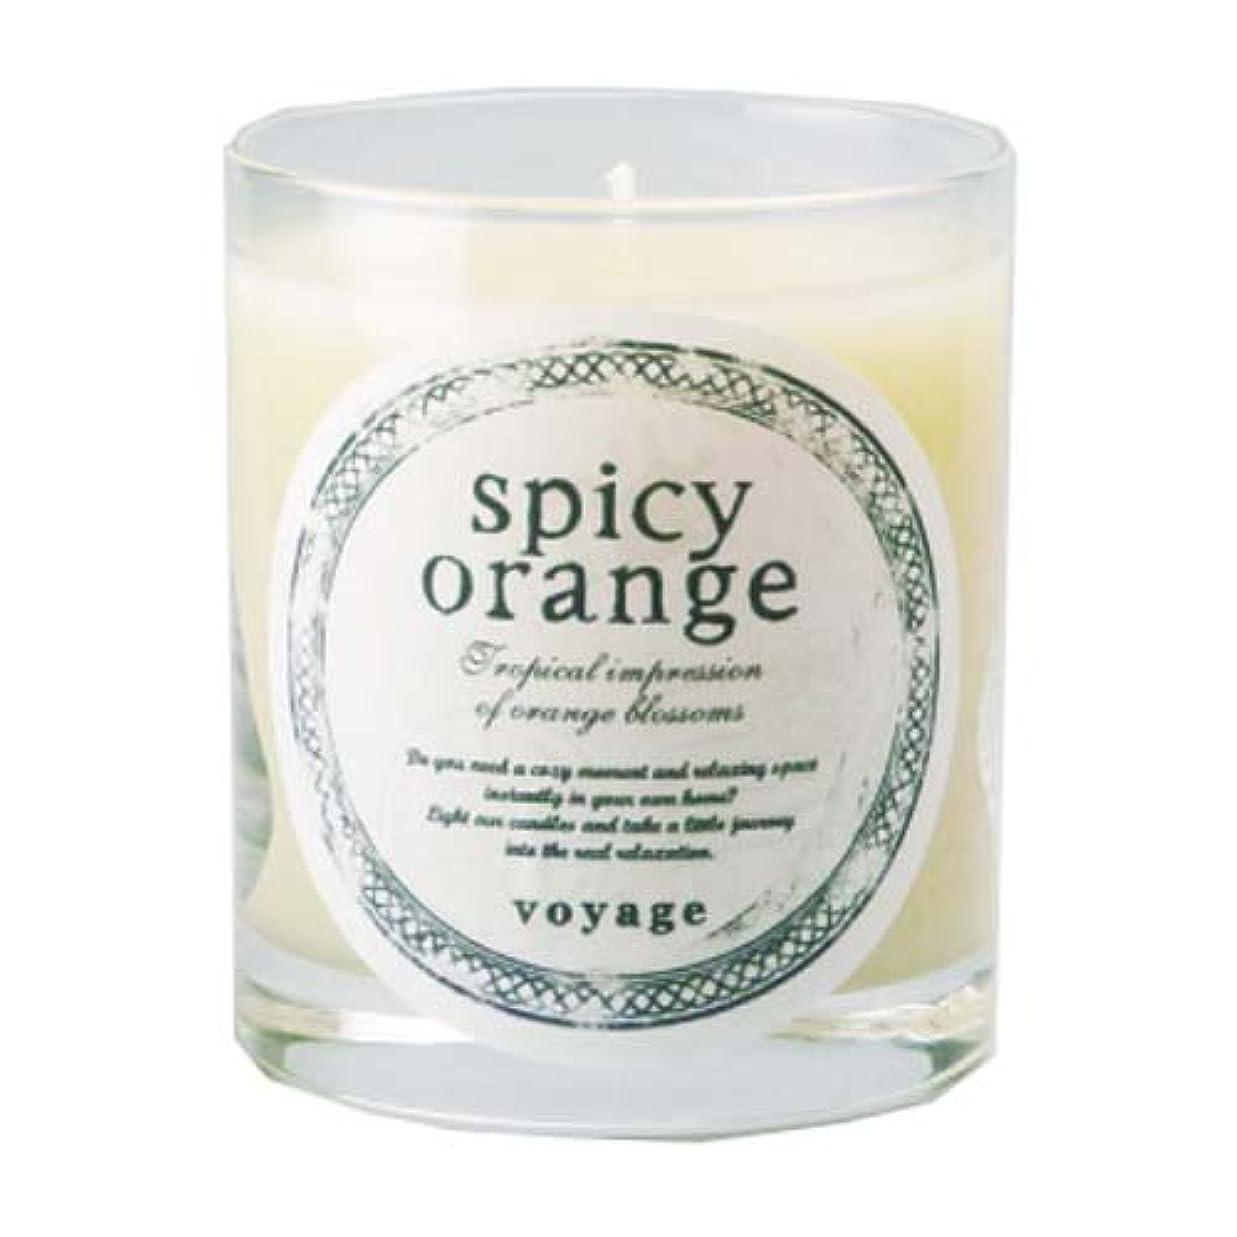 voyage アロマキャンドル スパイシーオレンジ